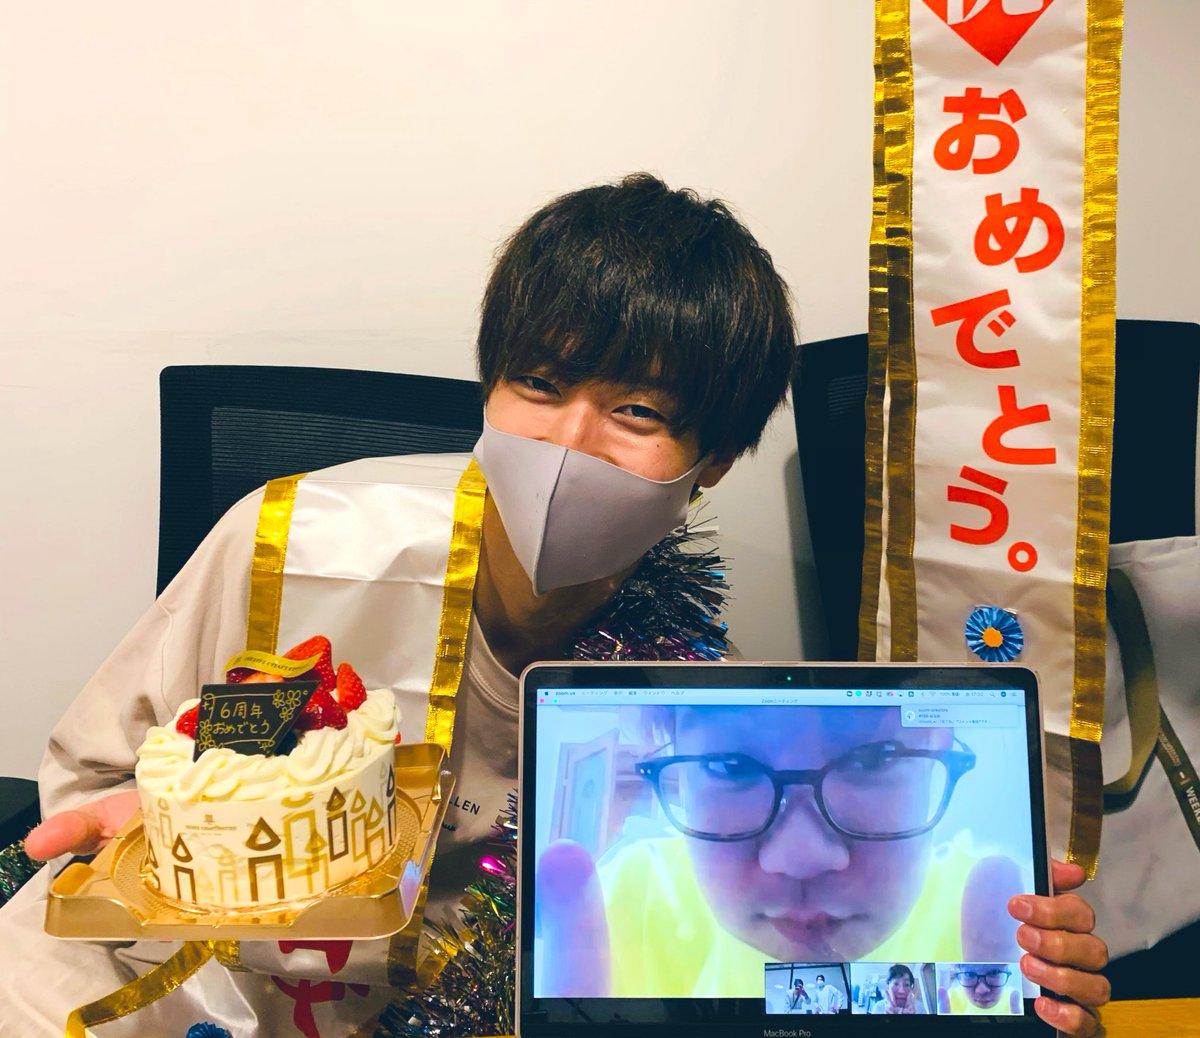 はなでん6周年です!!!!いつのまにか小学生が中学生になるほど時が経ってしまったようです👏中学生も頑張ります😜(東京で会議中にお祝いしてくれました。でんがんはリモート遺影スタイルで)